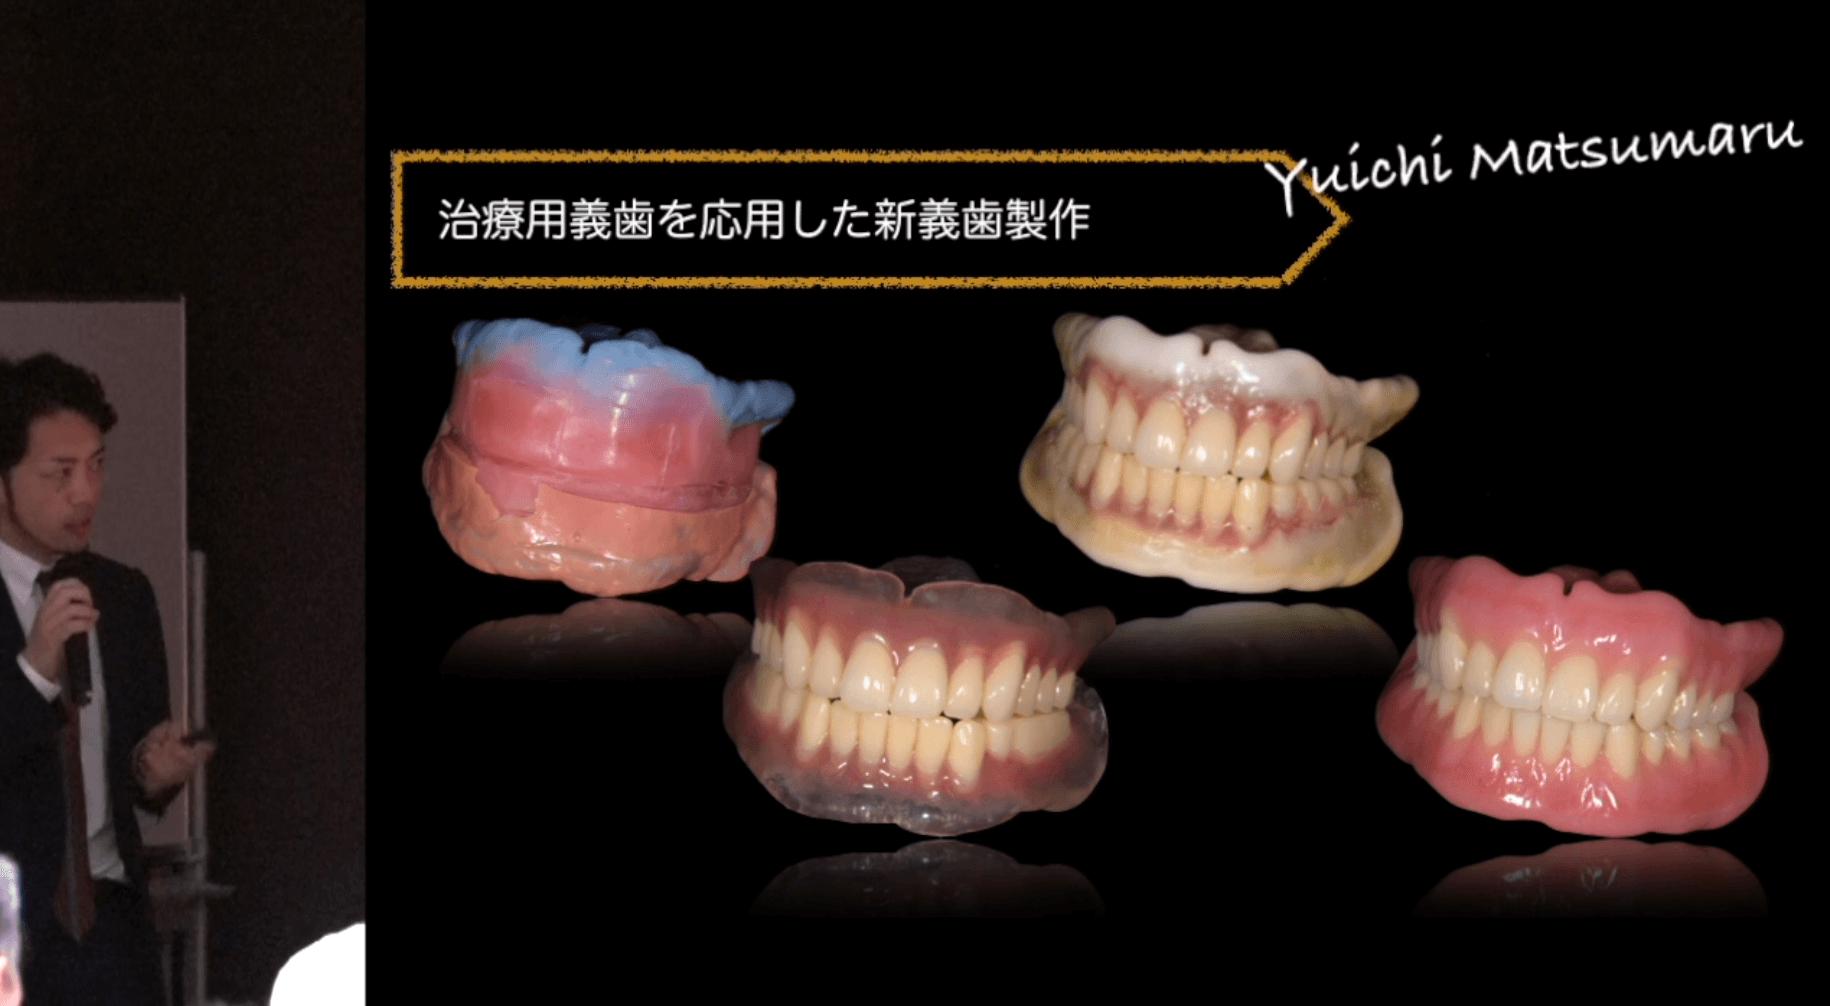 松丸 悠一先生『失敗しない総義歯臨床へのヒント』 第1回 〜総義歯治療専門歯科医師として〜